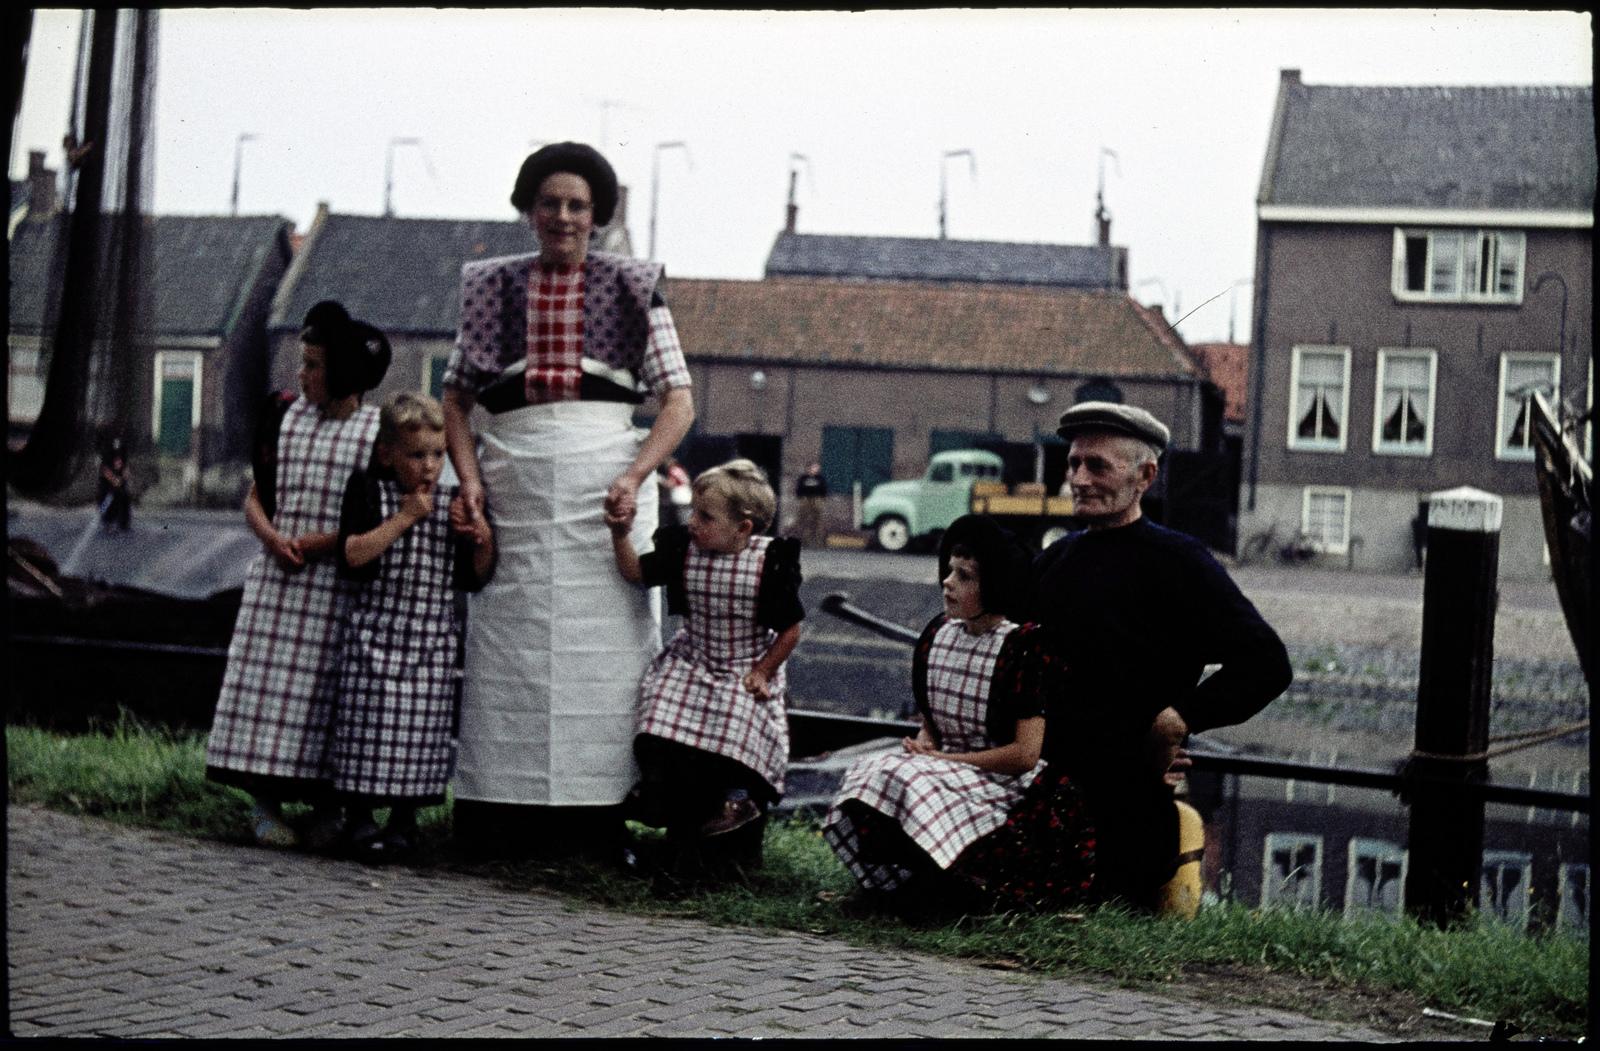 Vrouw en man met kinderen in klederdracht